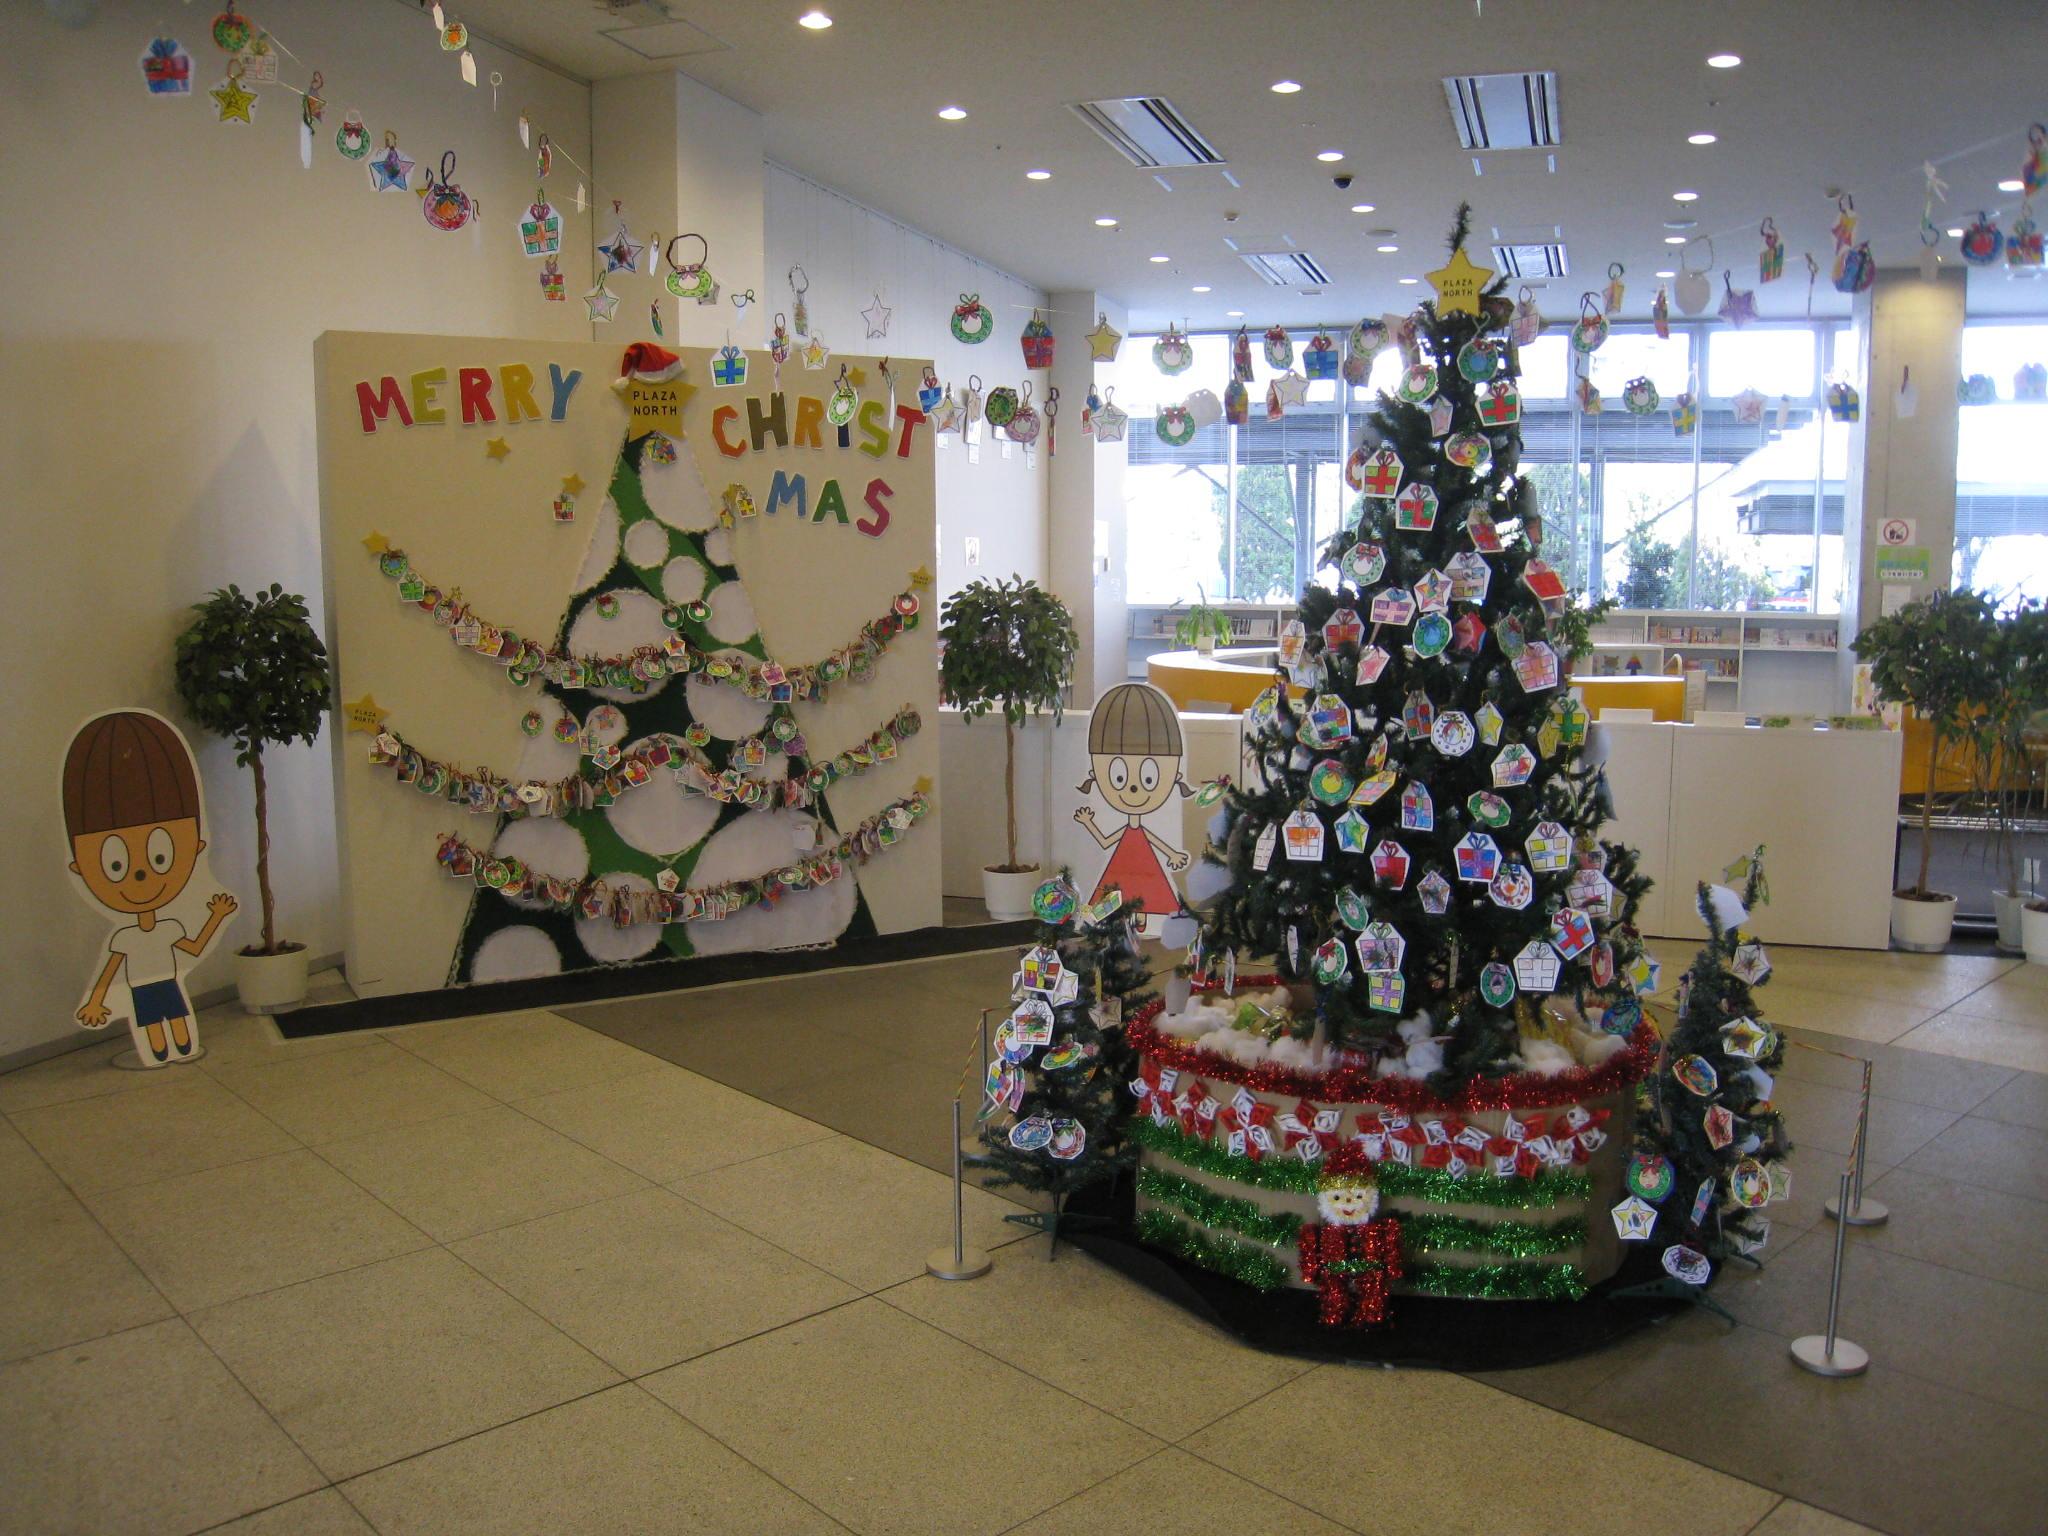 http://www.plazanorth.jp/humorsquare/%E2%91%A1%E5%B1%95%E7%A4%BA_8.JPG